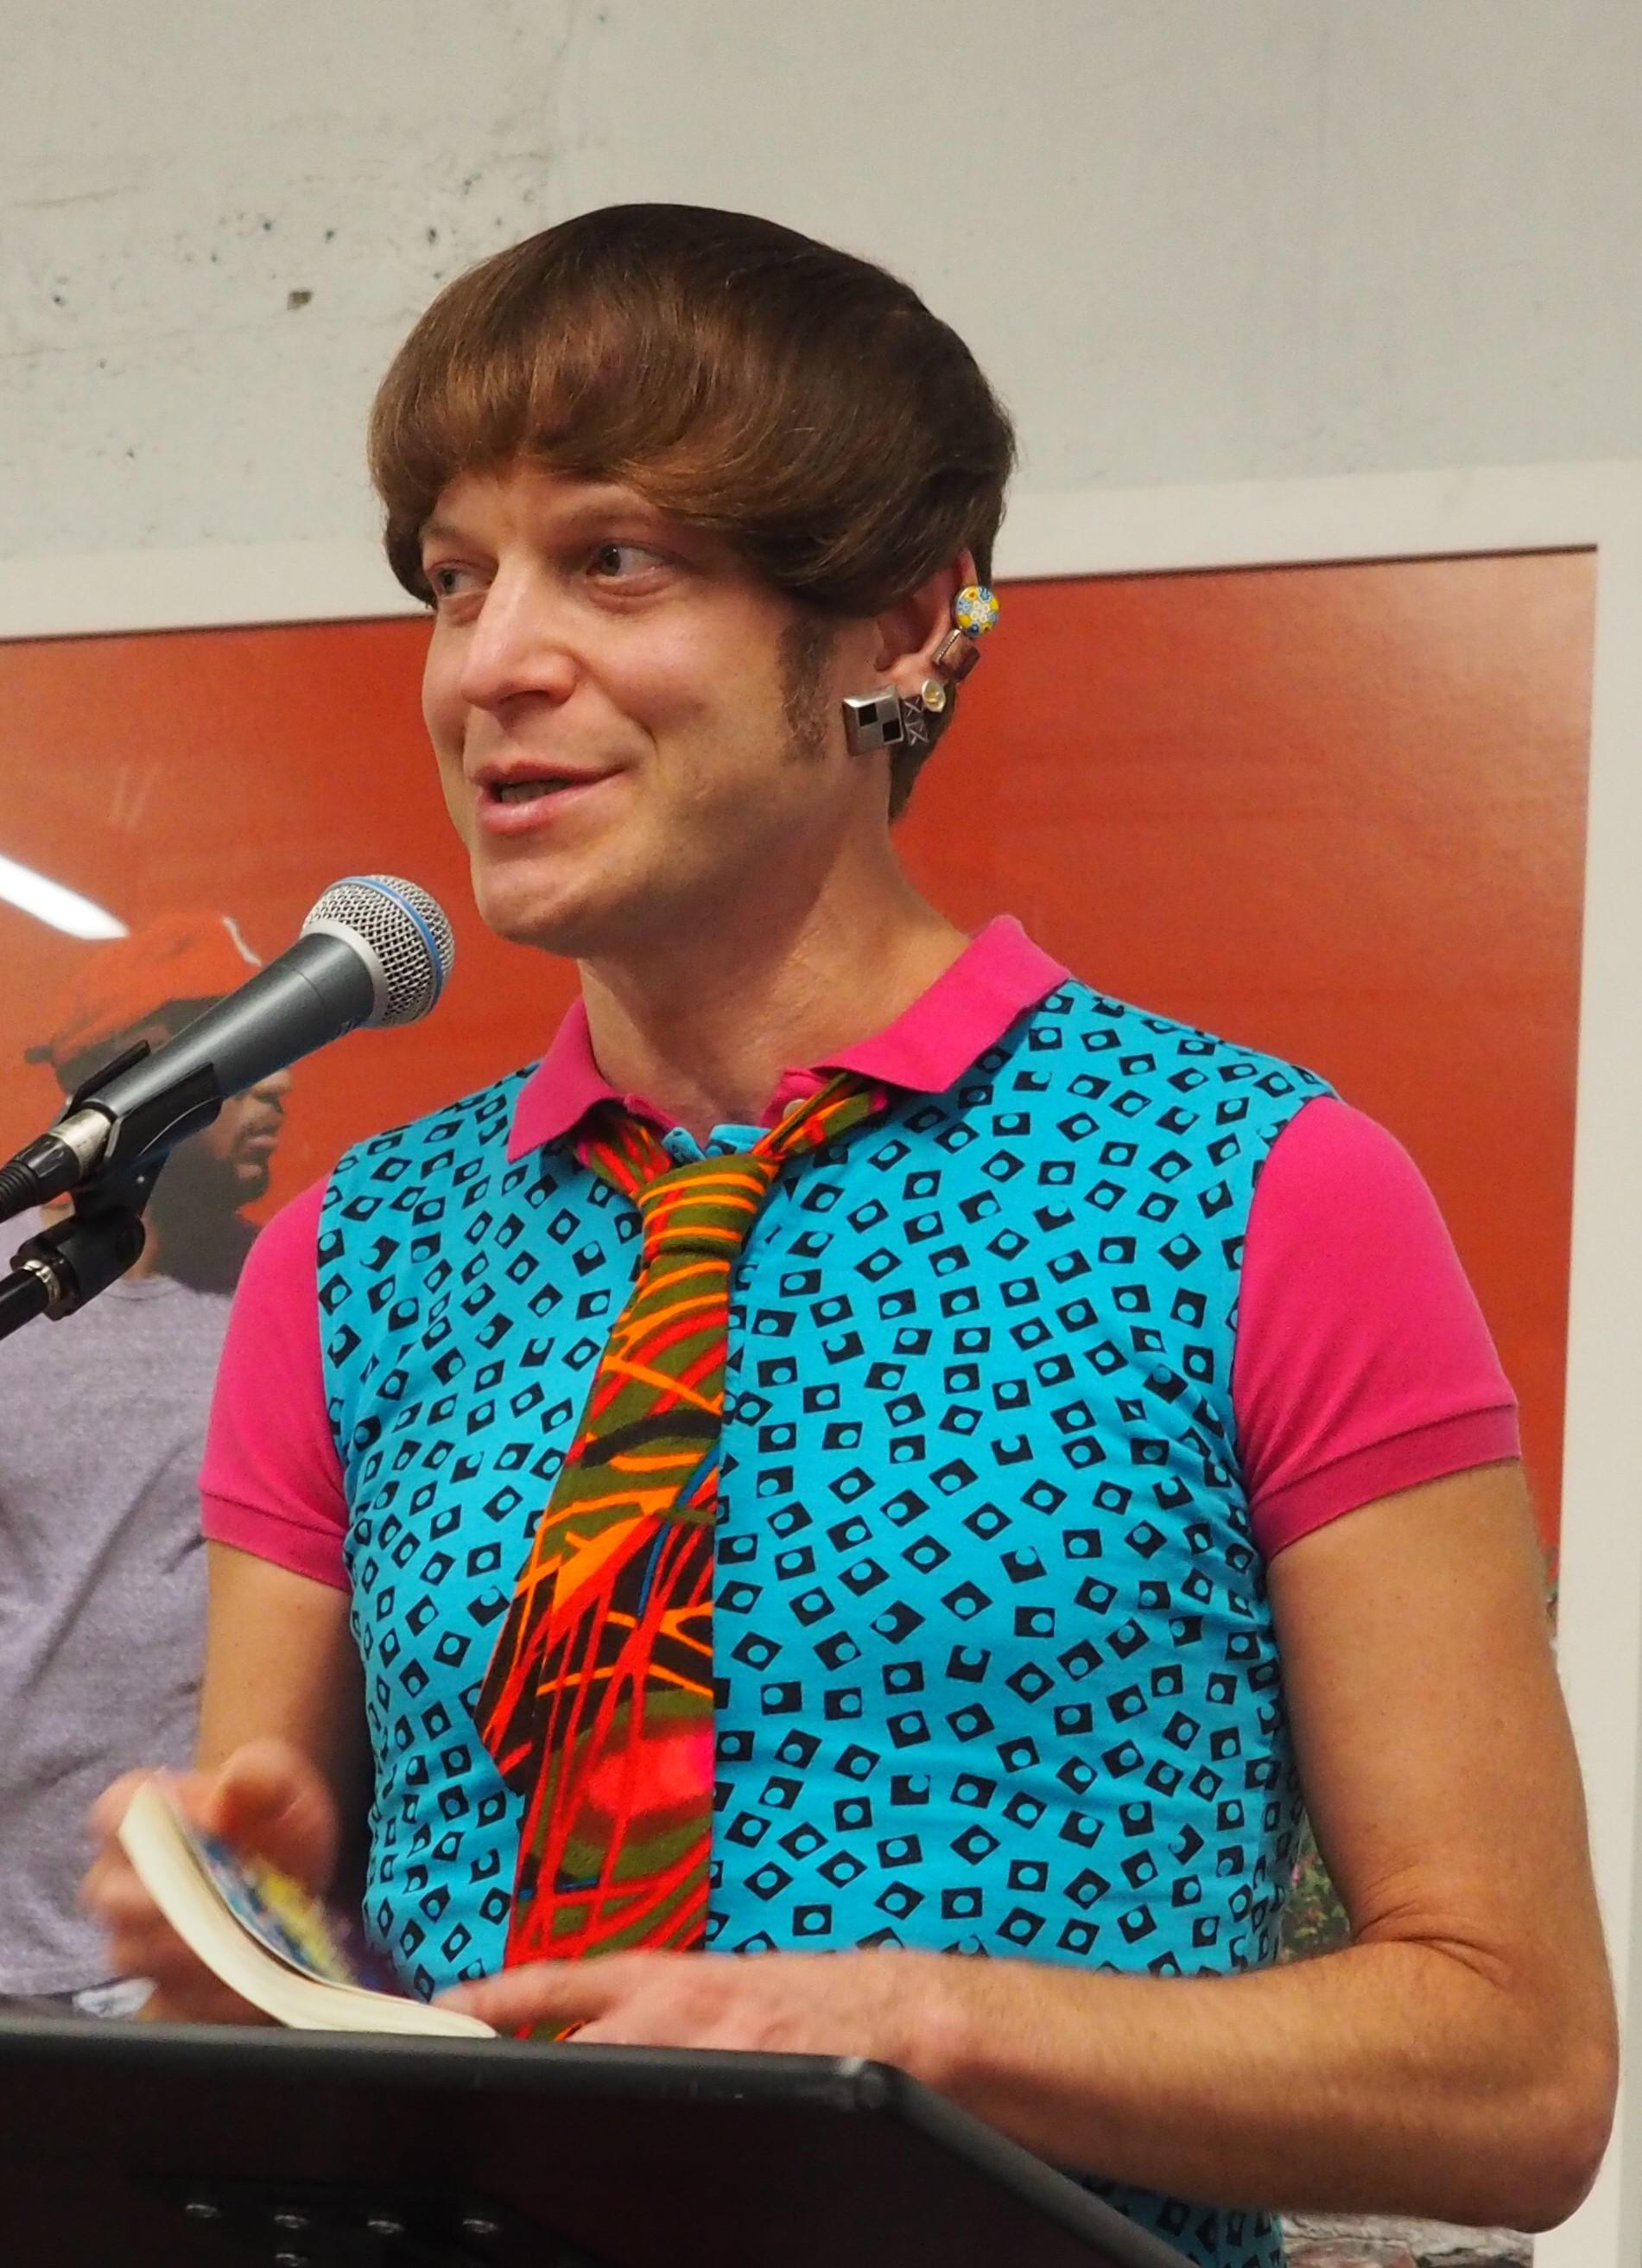 Mattilda Bernstein Sycamore - Wikipedia